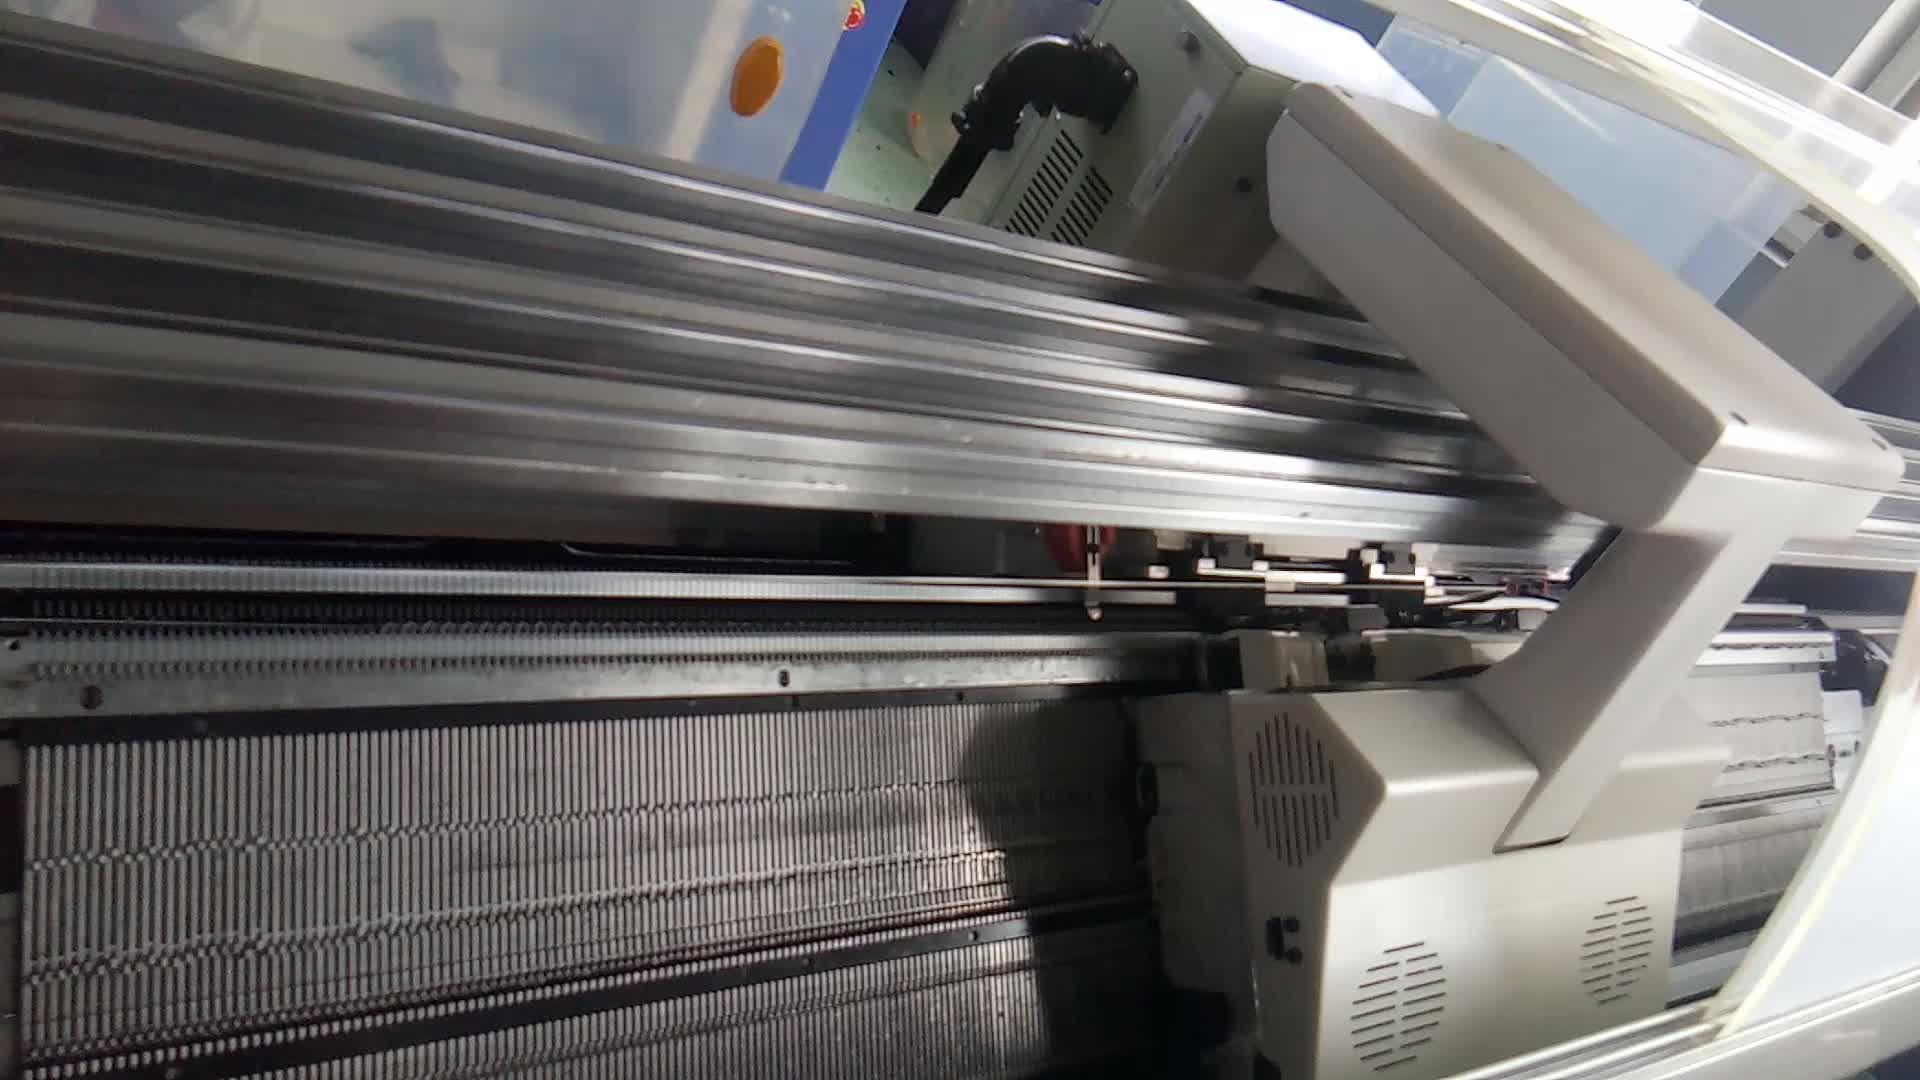 יצרן במפעל מחיר משמש סטול שטוח סריגה מכונה